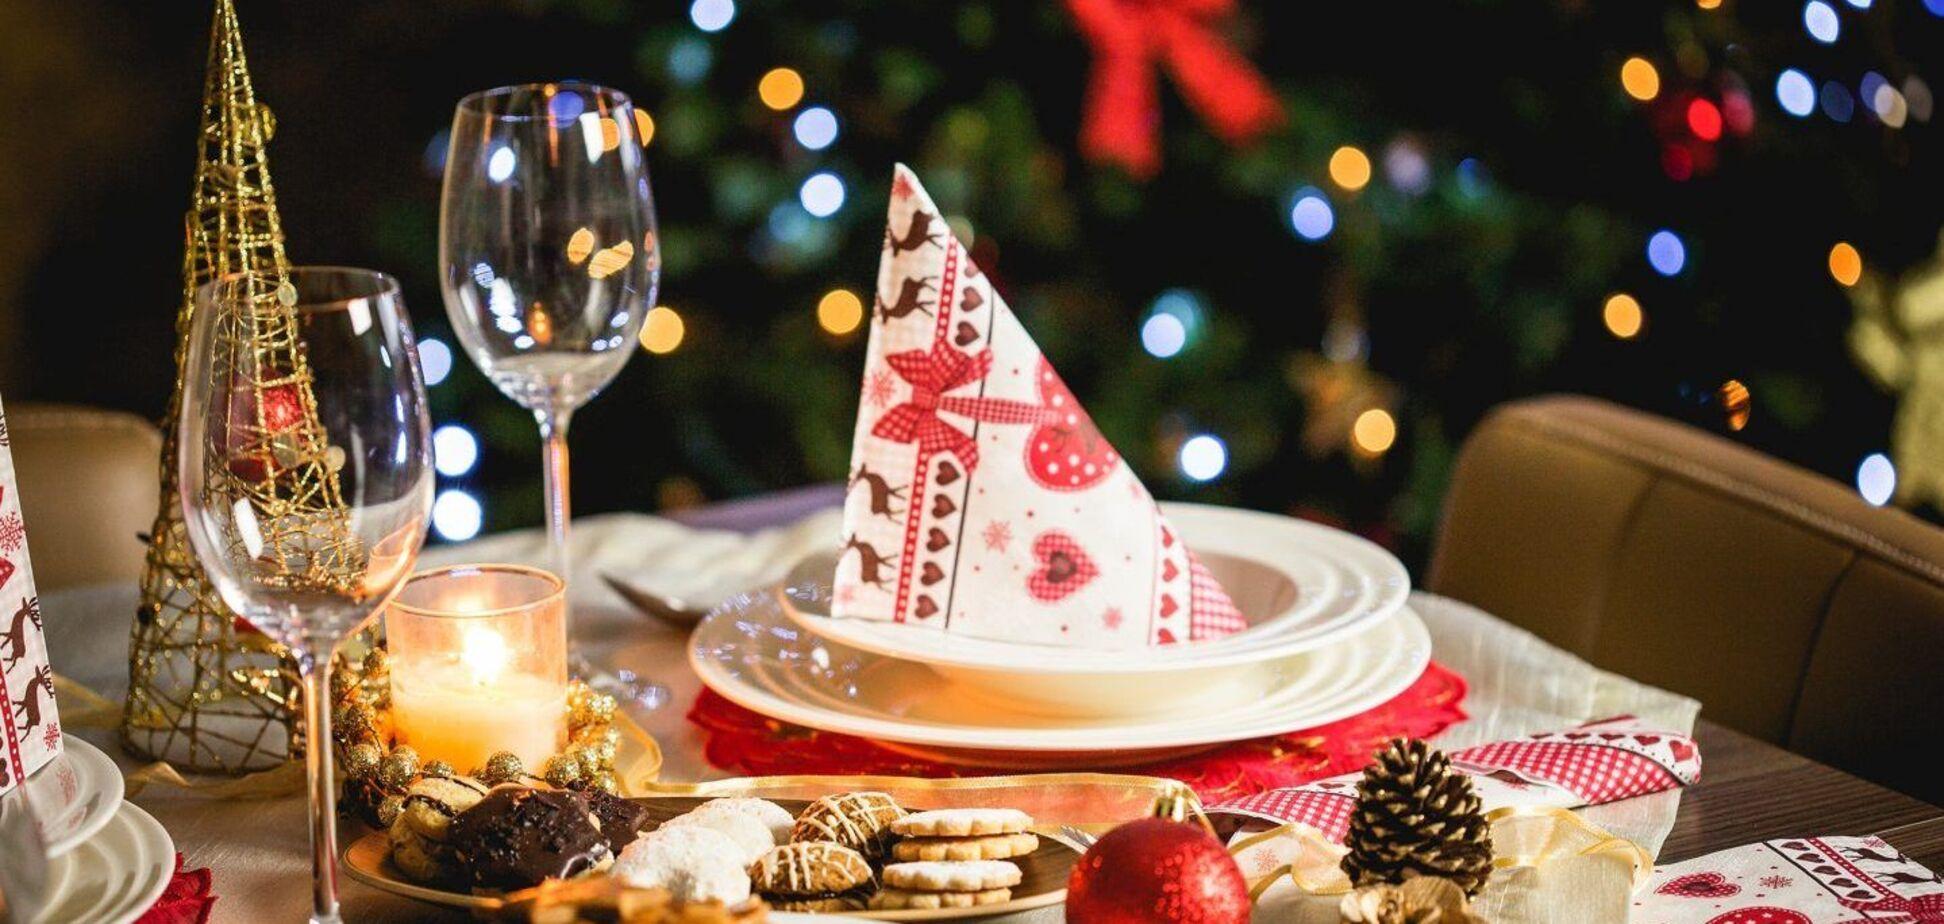 7 січня: яке свято відзначають, прикмети на Різдво та іменинники